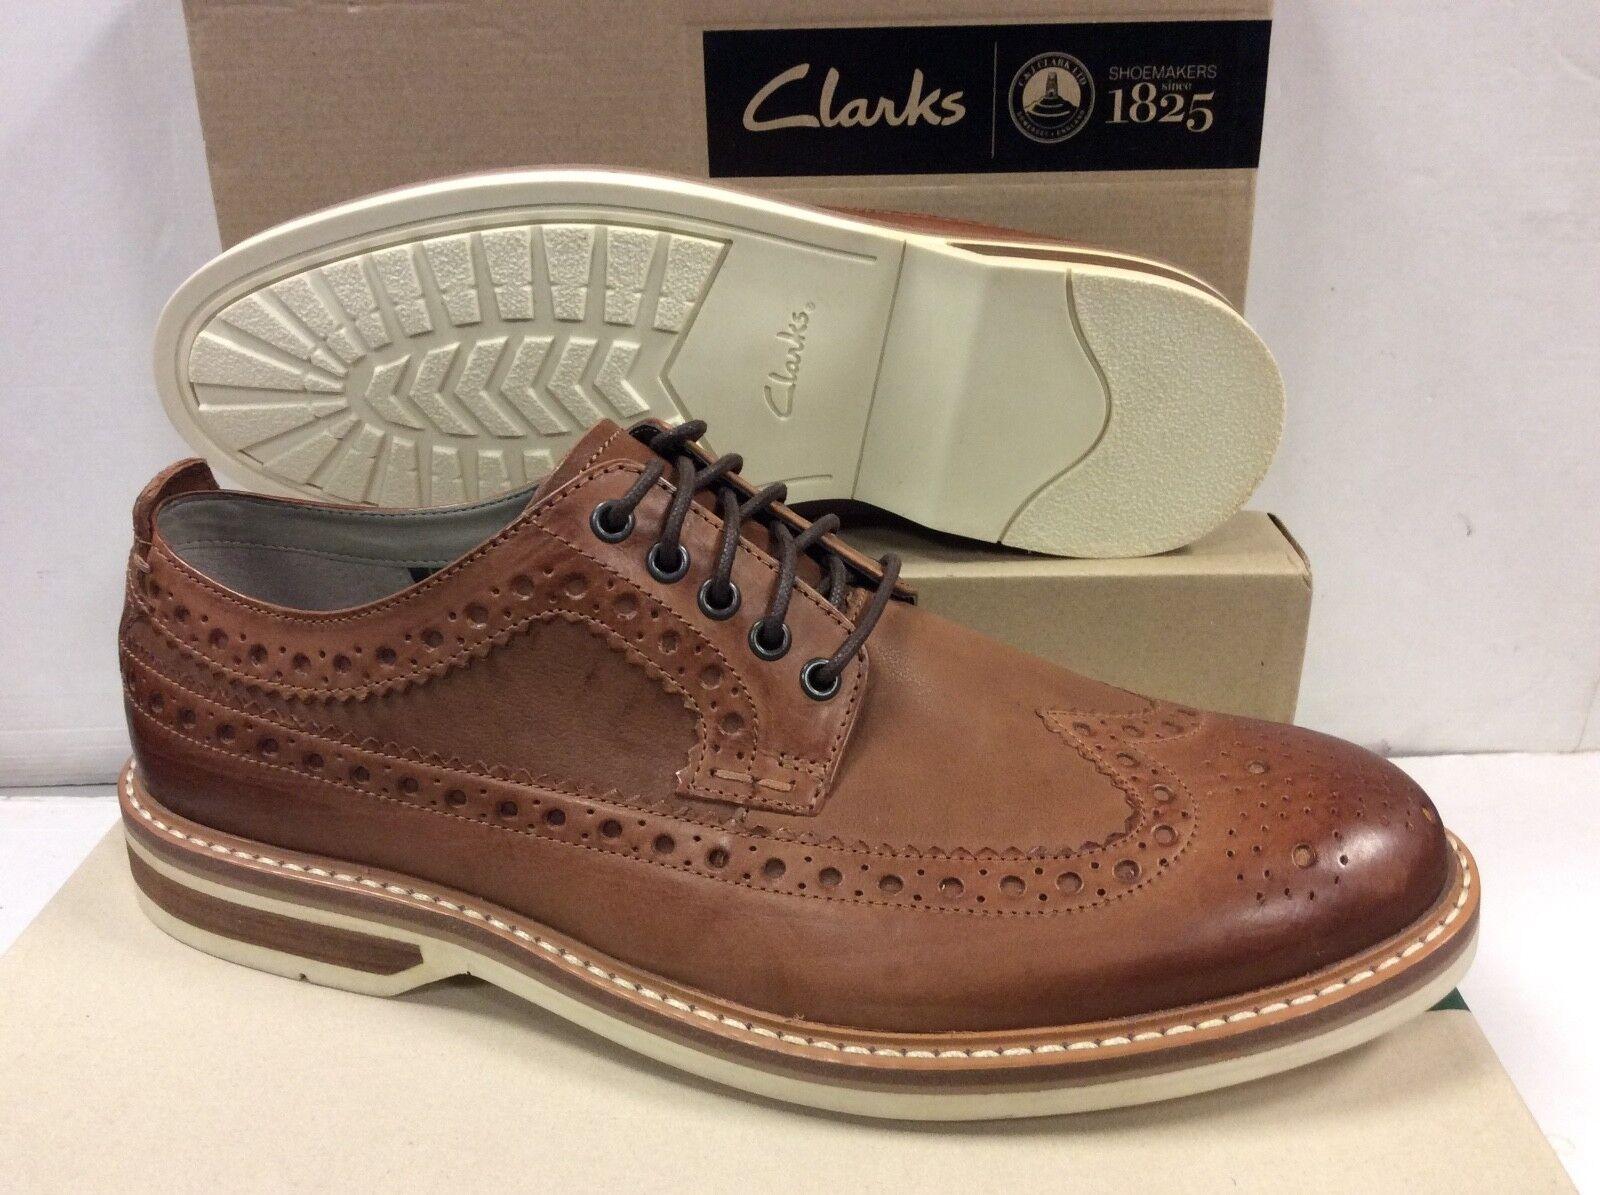 Clarks Pitney  Marronee Leather Mens scarpe, Dimensione UK 9.5   EUR 44  tutto in alta qualità e prezzo basso